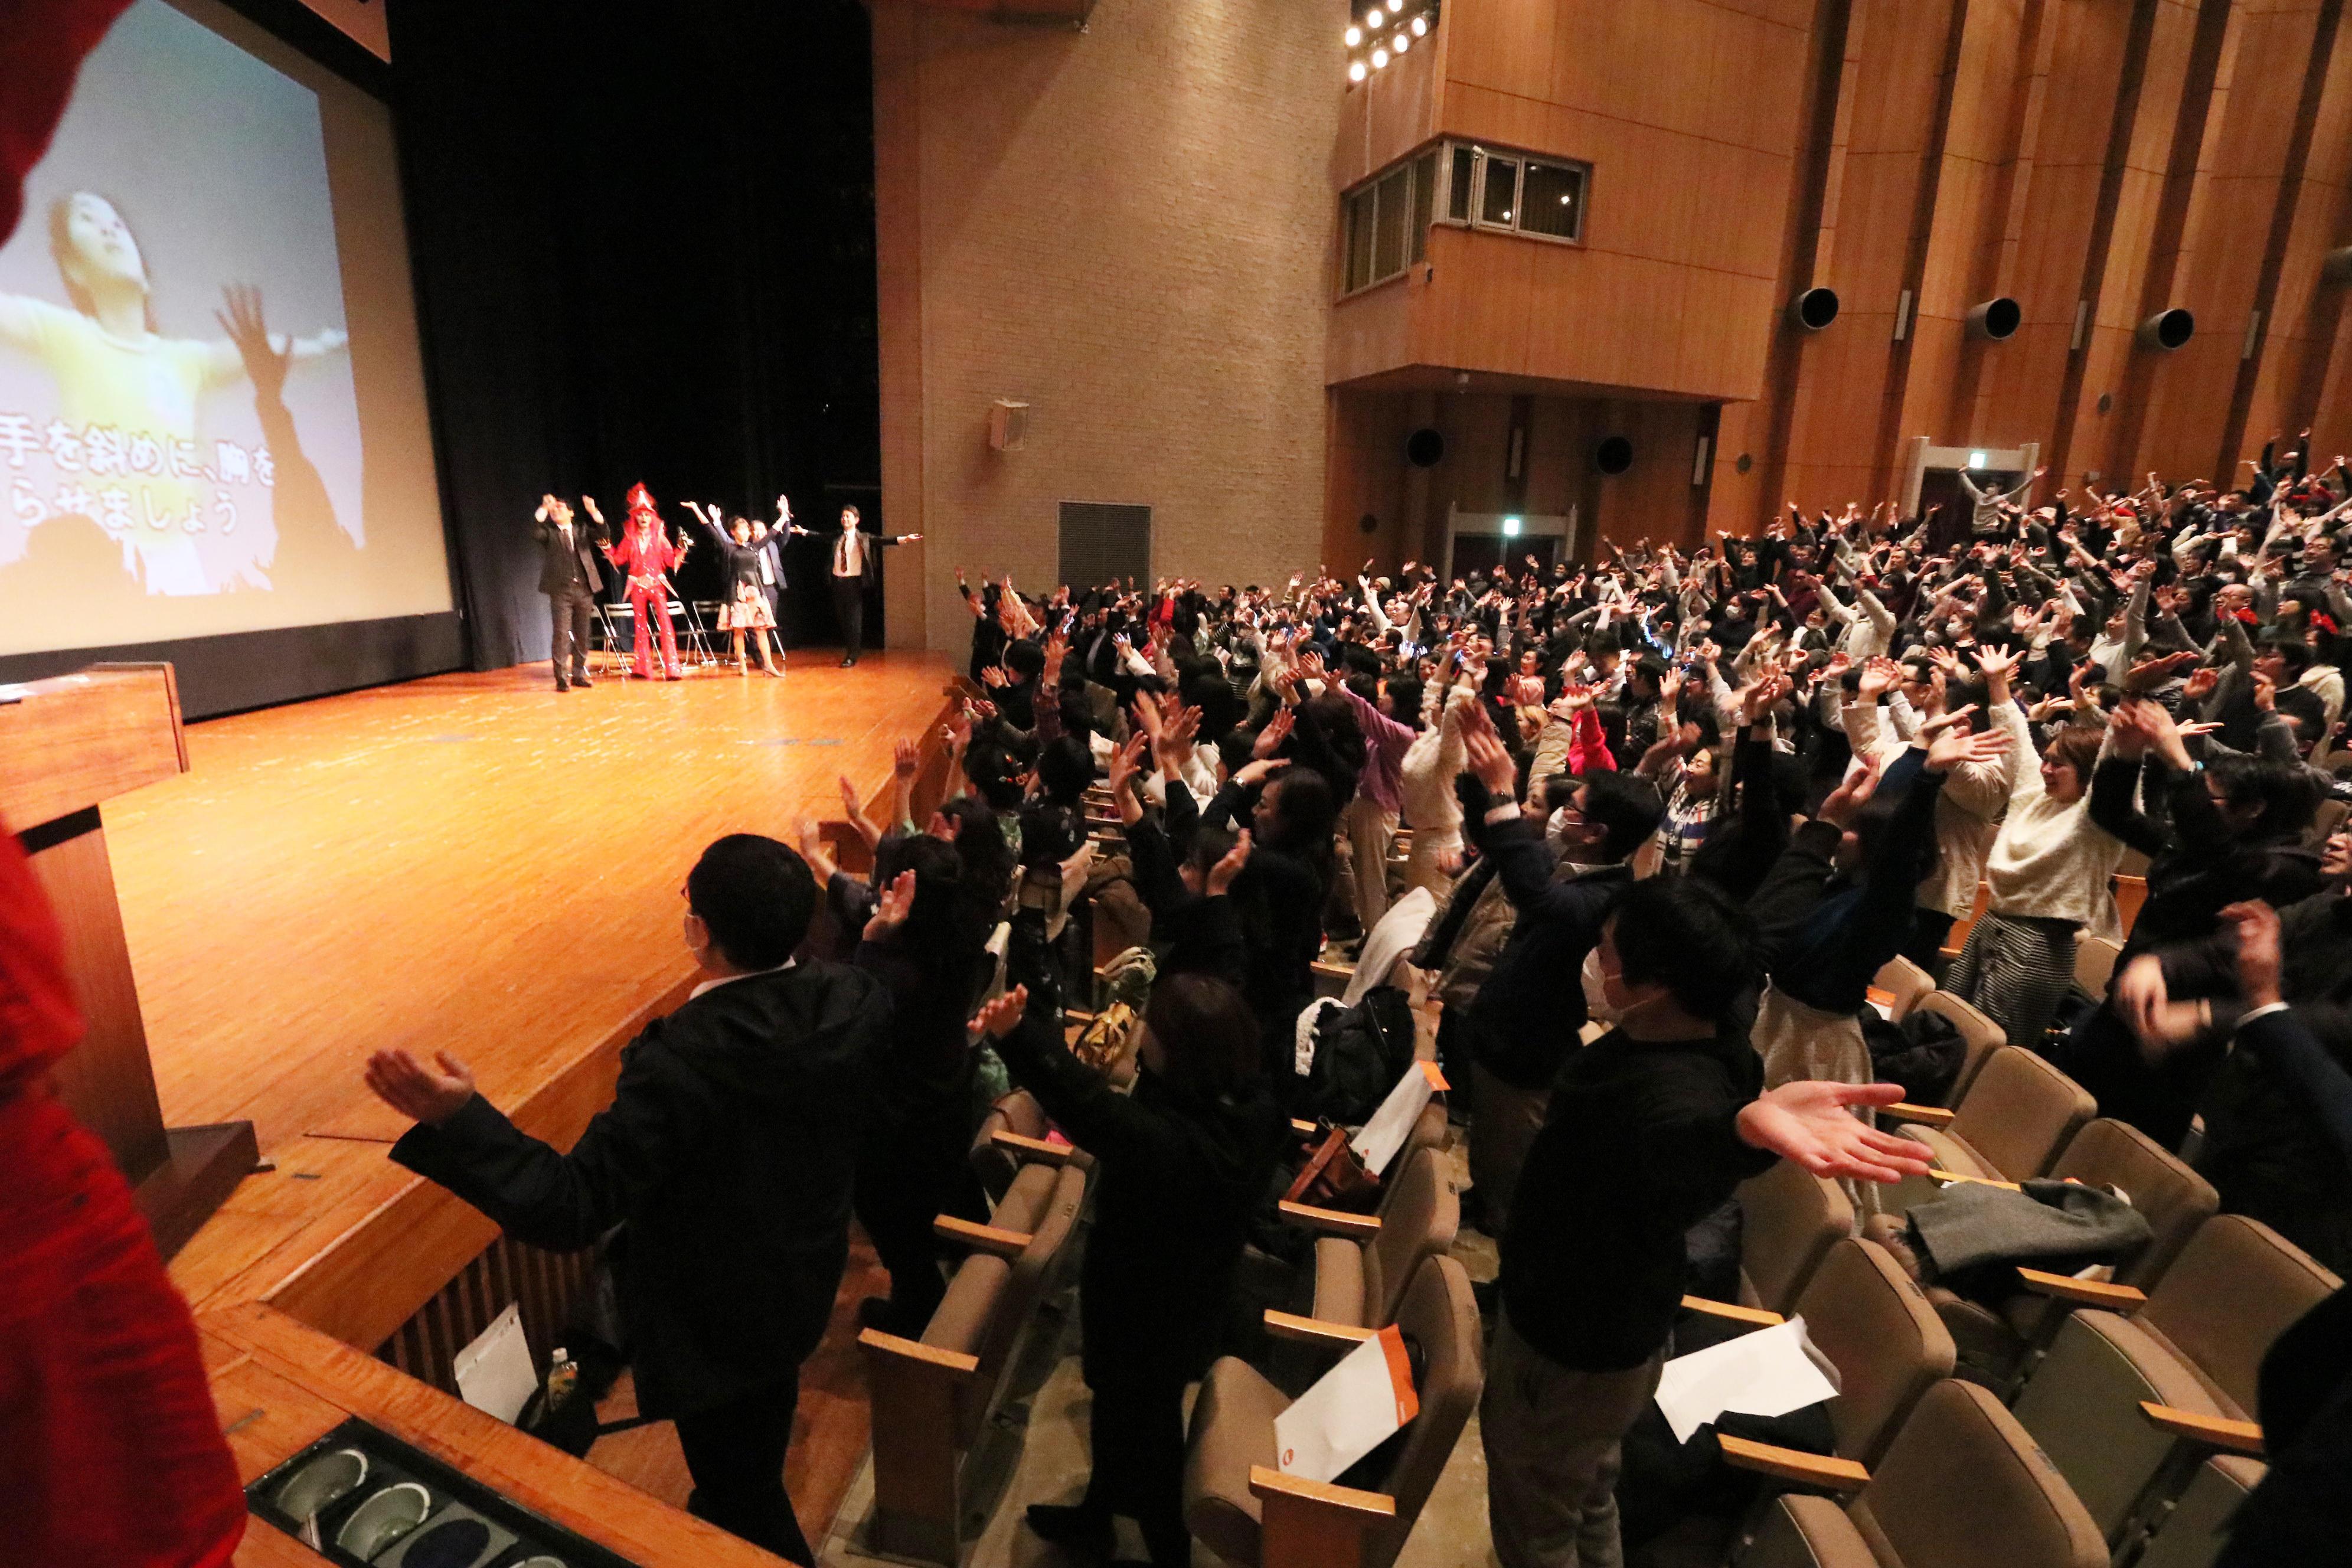 http://news.yoshimoto.co.jp/20190106222045-55957ee7eb55d373e74cd6cbc87591d51ef8d7e8.jpg